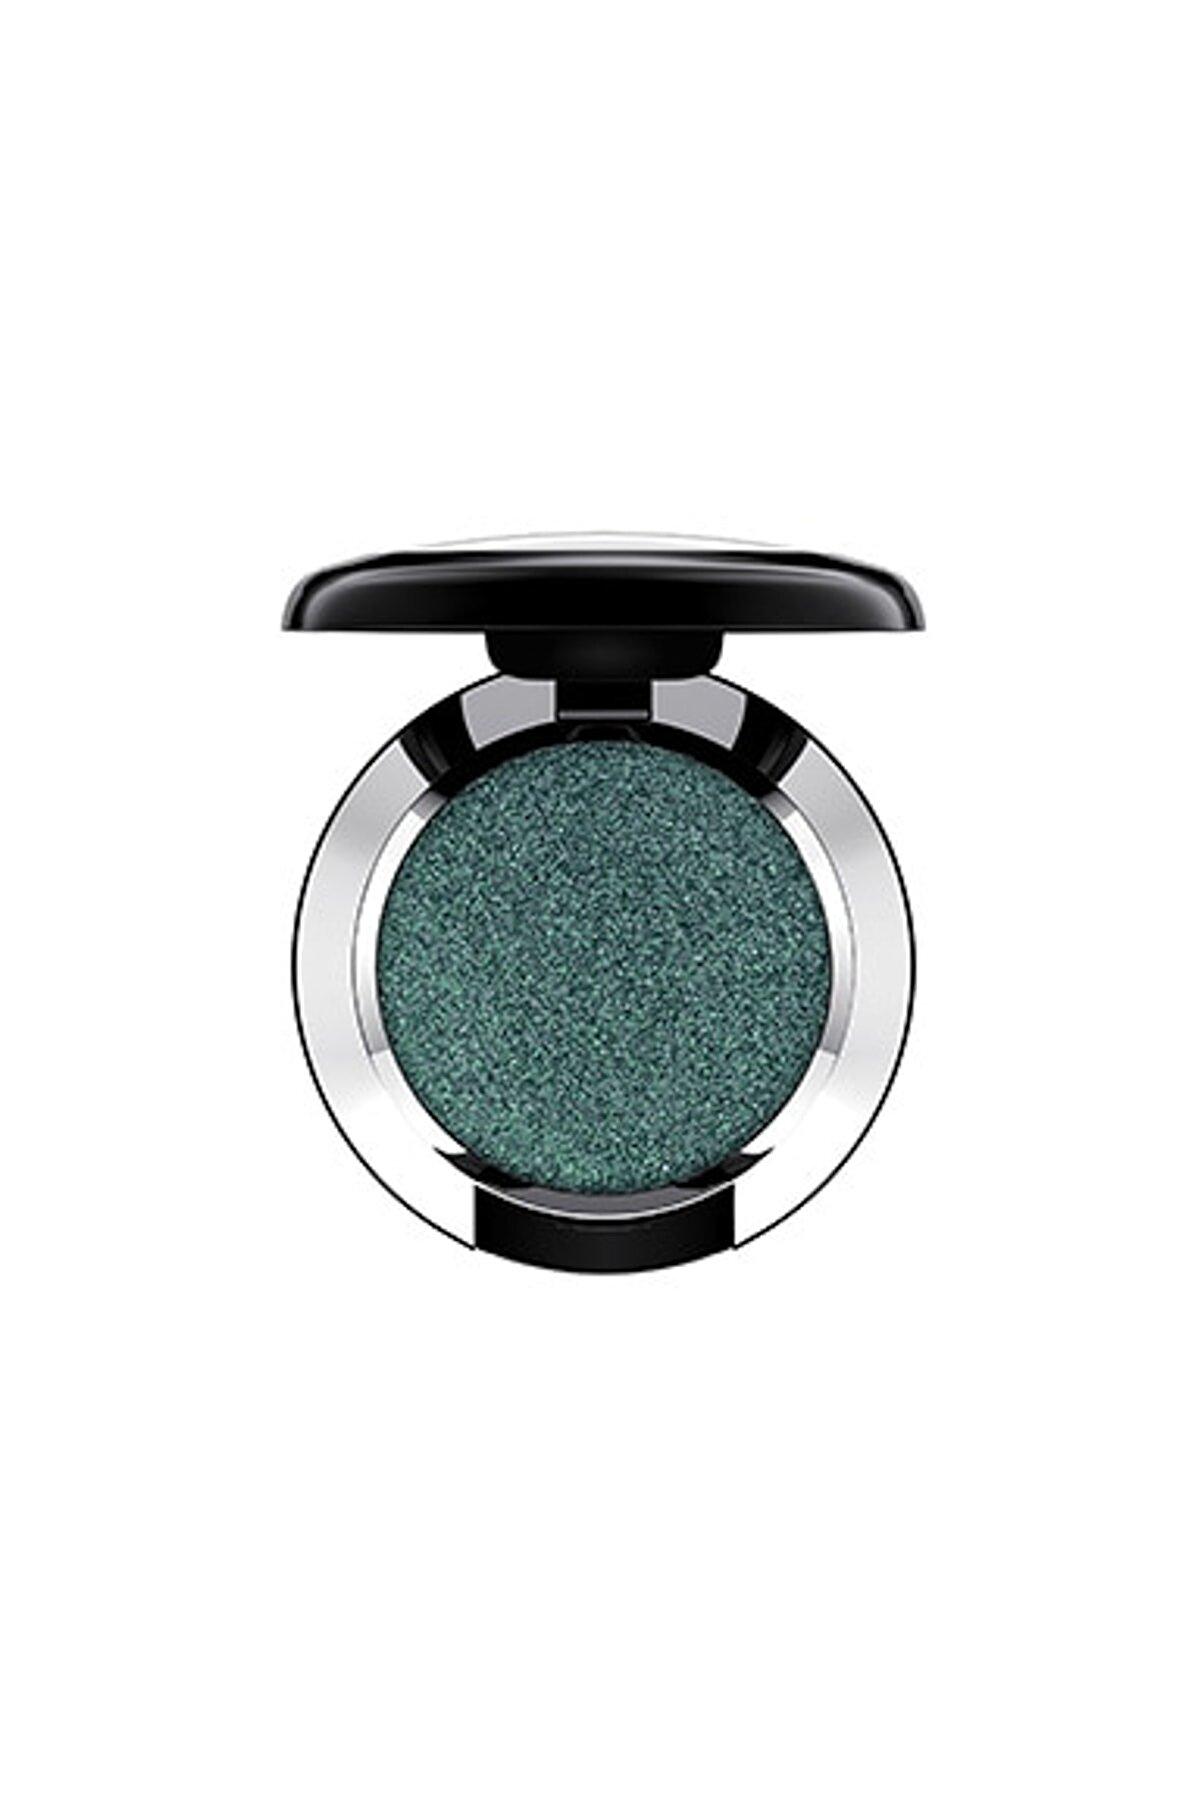 Mac Göz Farı - Dazzleshadow Extreme Emerald Cut 1.5 g 773602567652